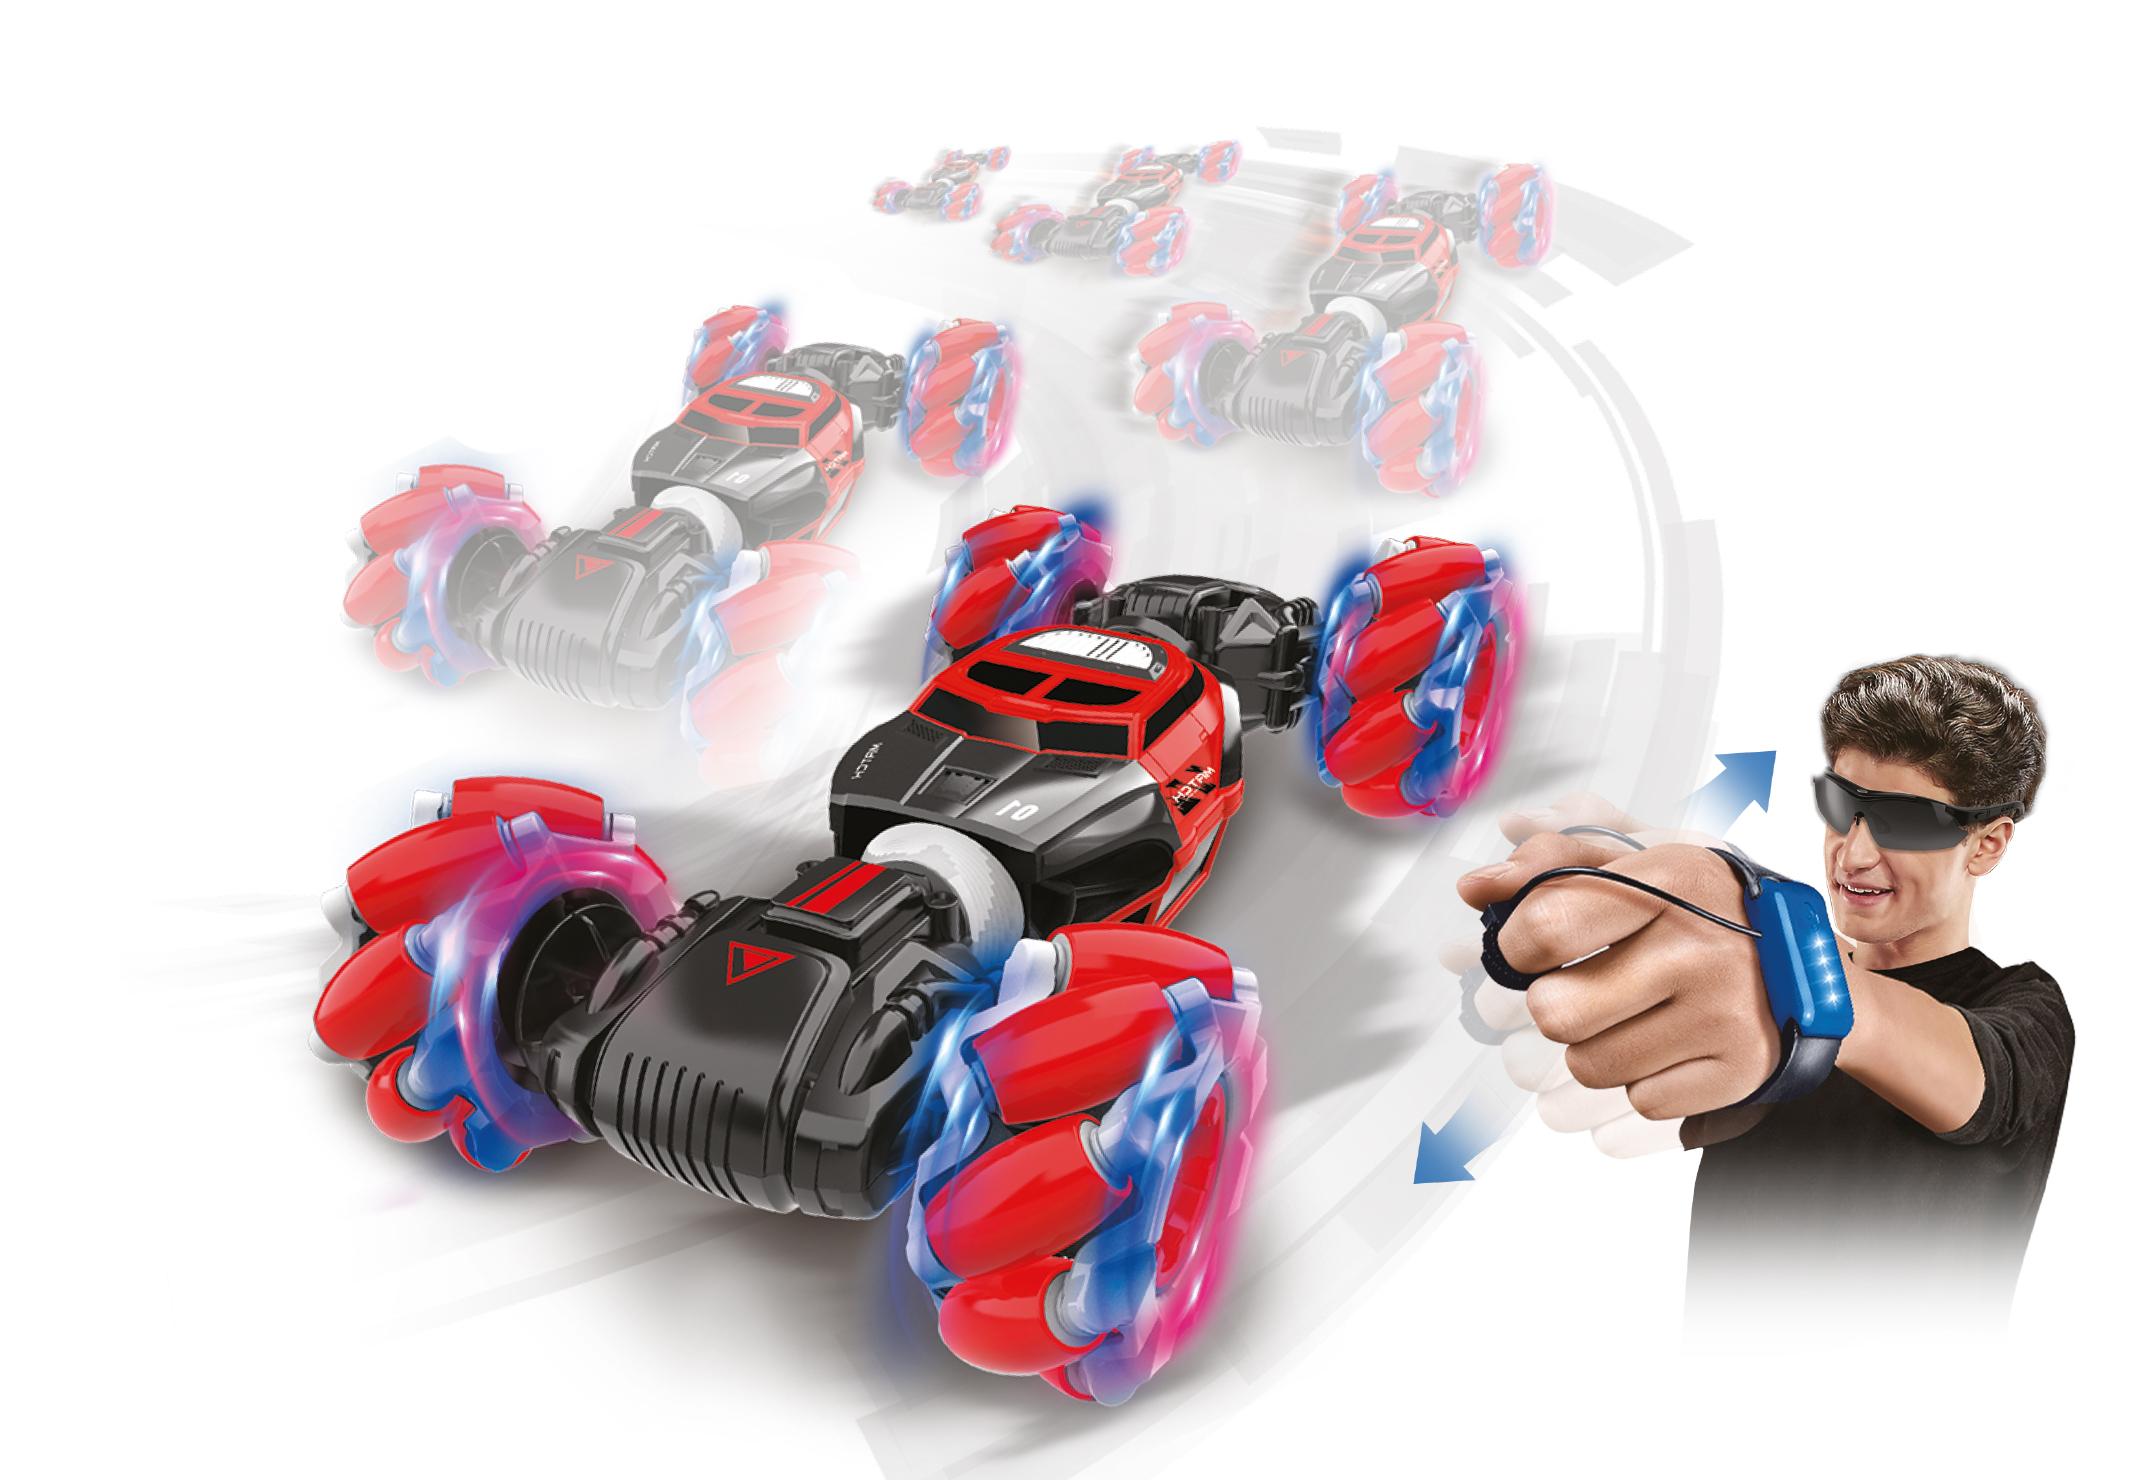 יבואן צעצועים